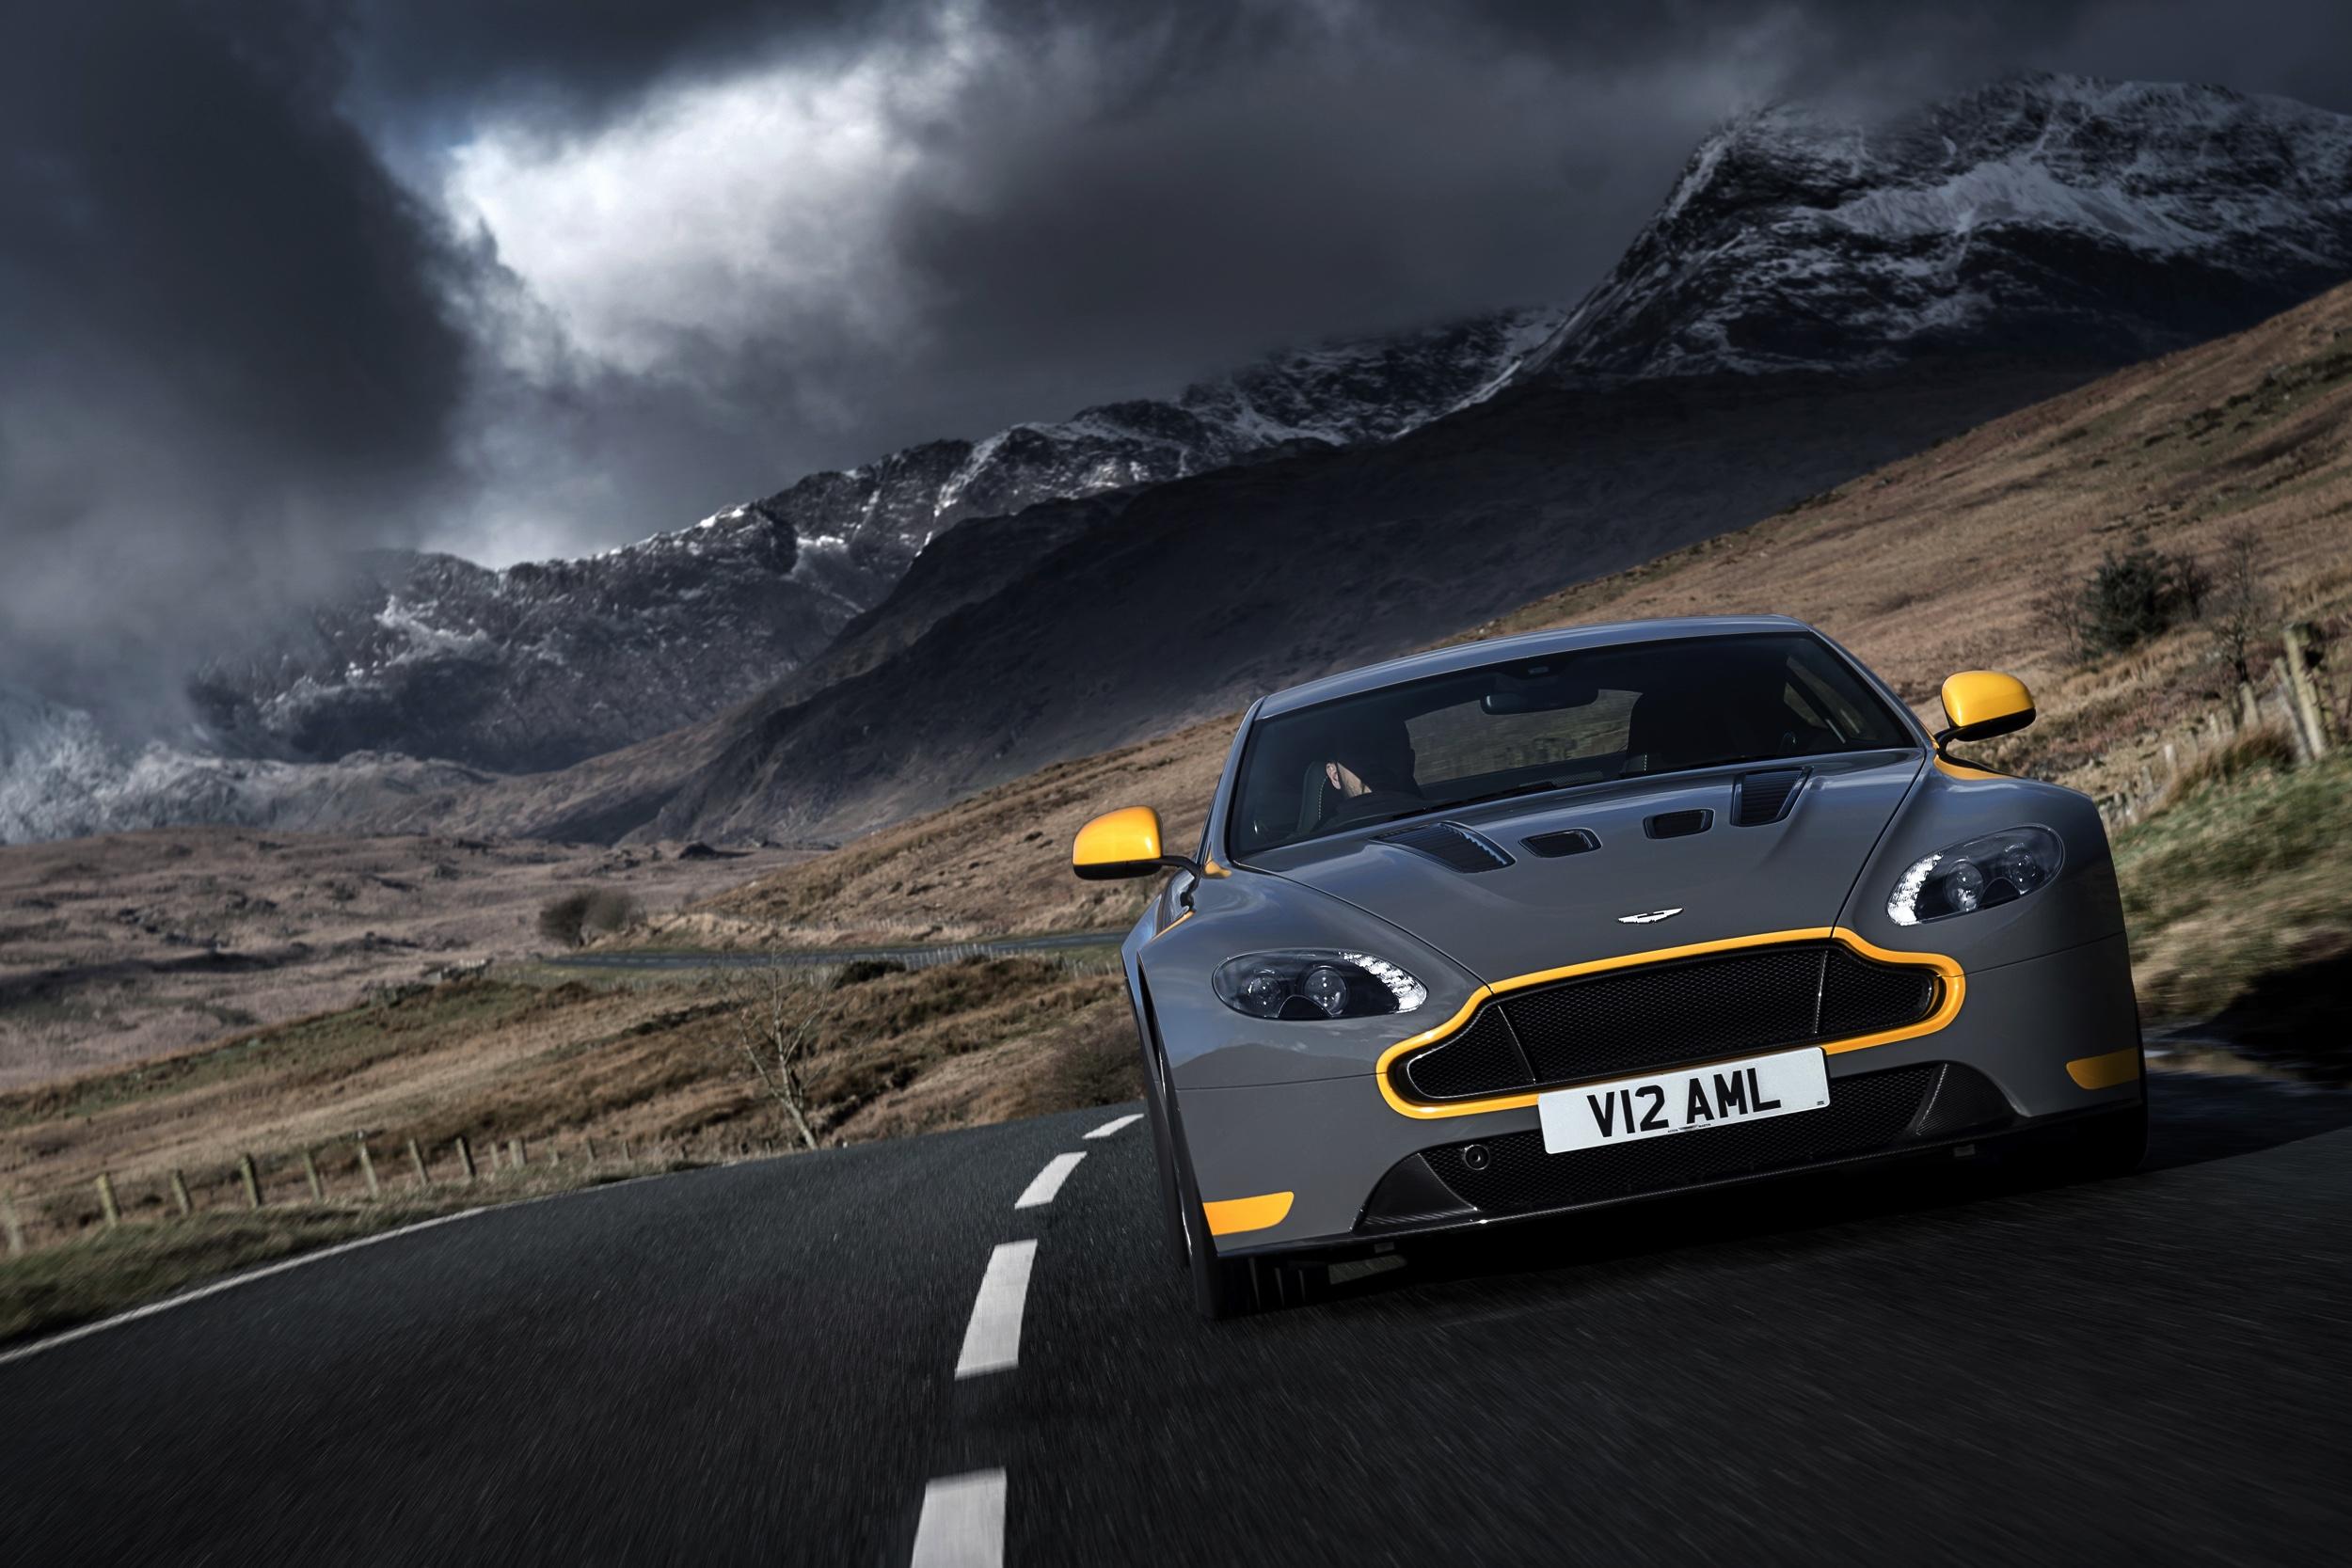 Aston Martin V12 Vantage S -34- Autovisie.nl